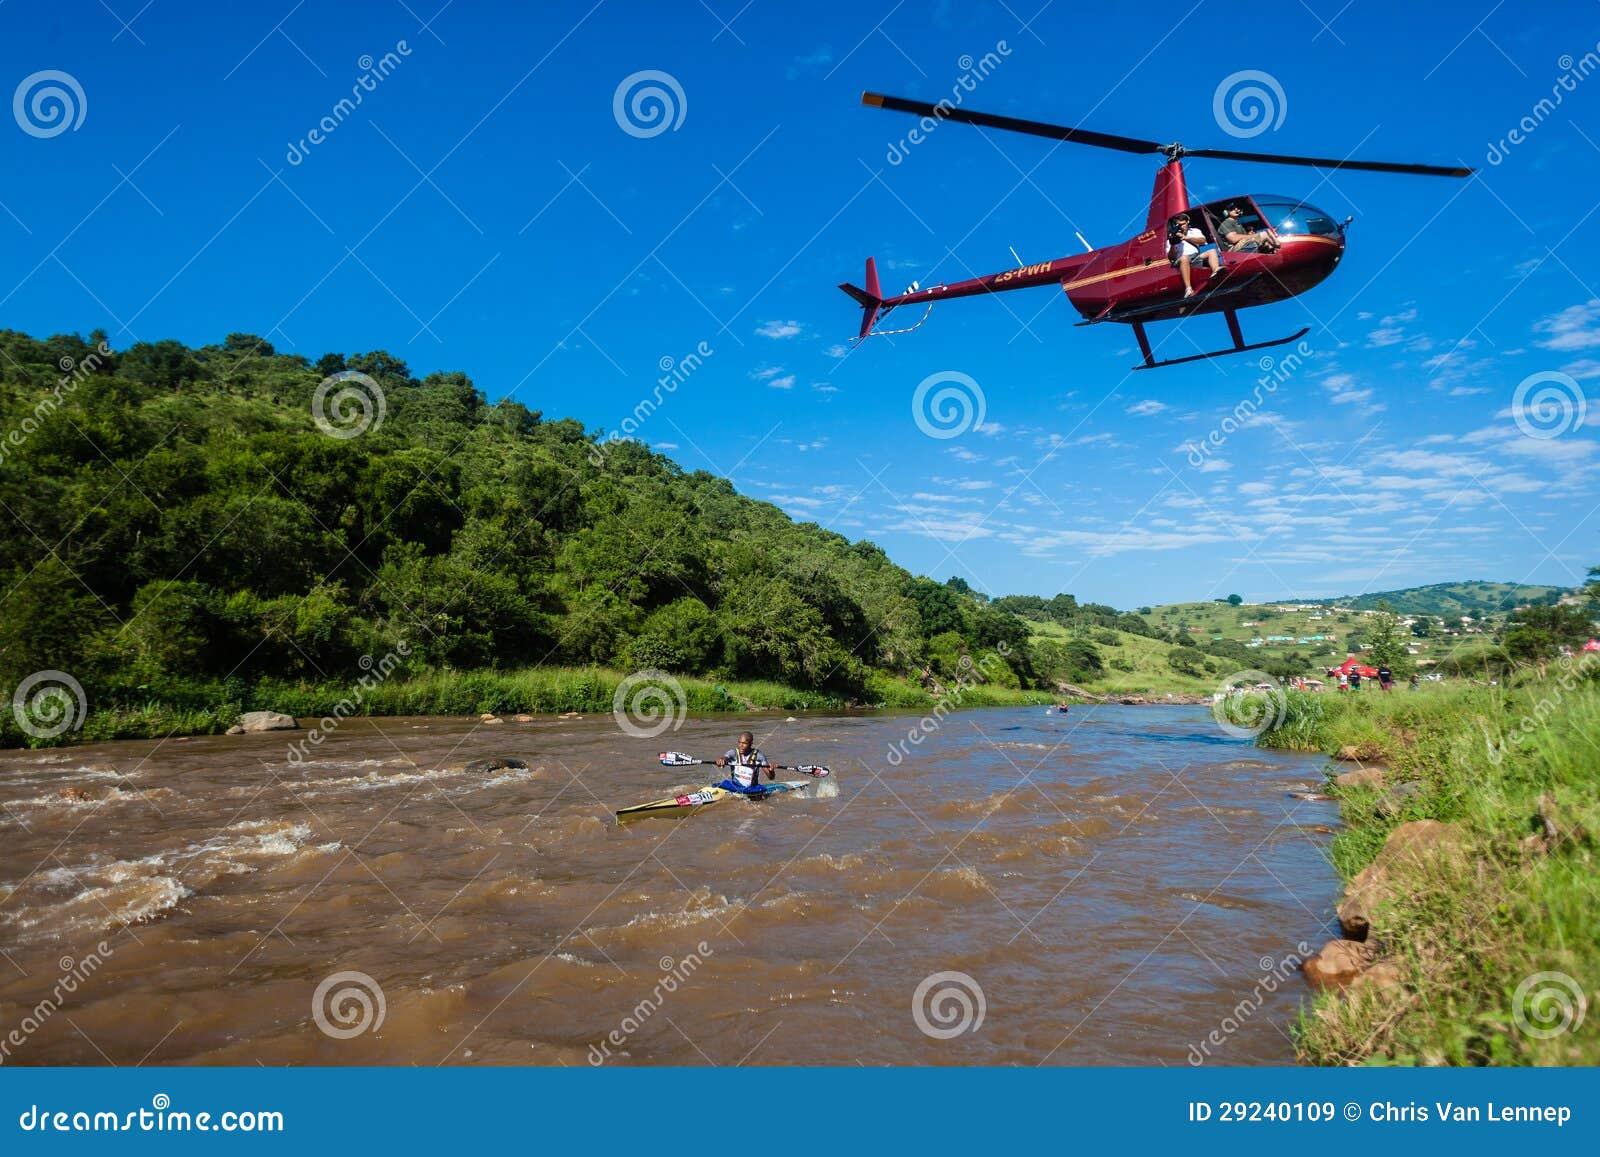 Download Zondi Conduz A Raça Da Canoa Do Helicóptero Imagem de Stock Editorial - Imagem de media, paddlers: 29240109